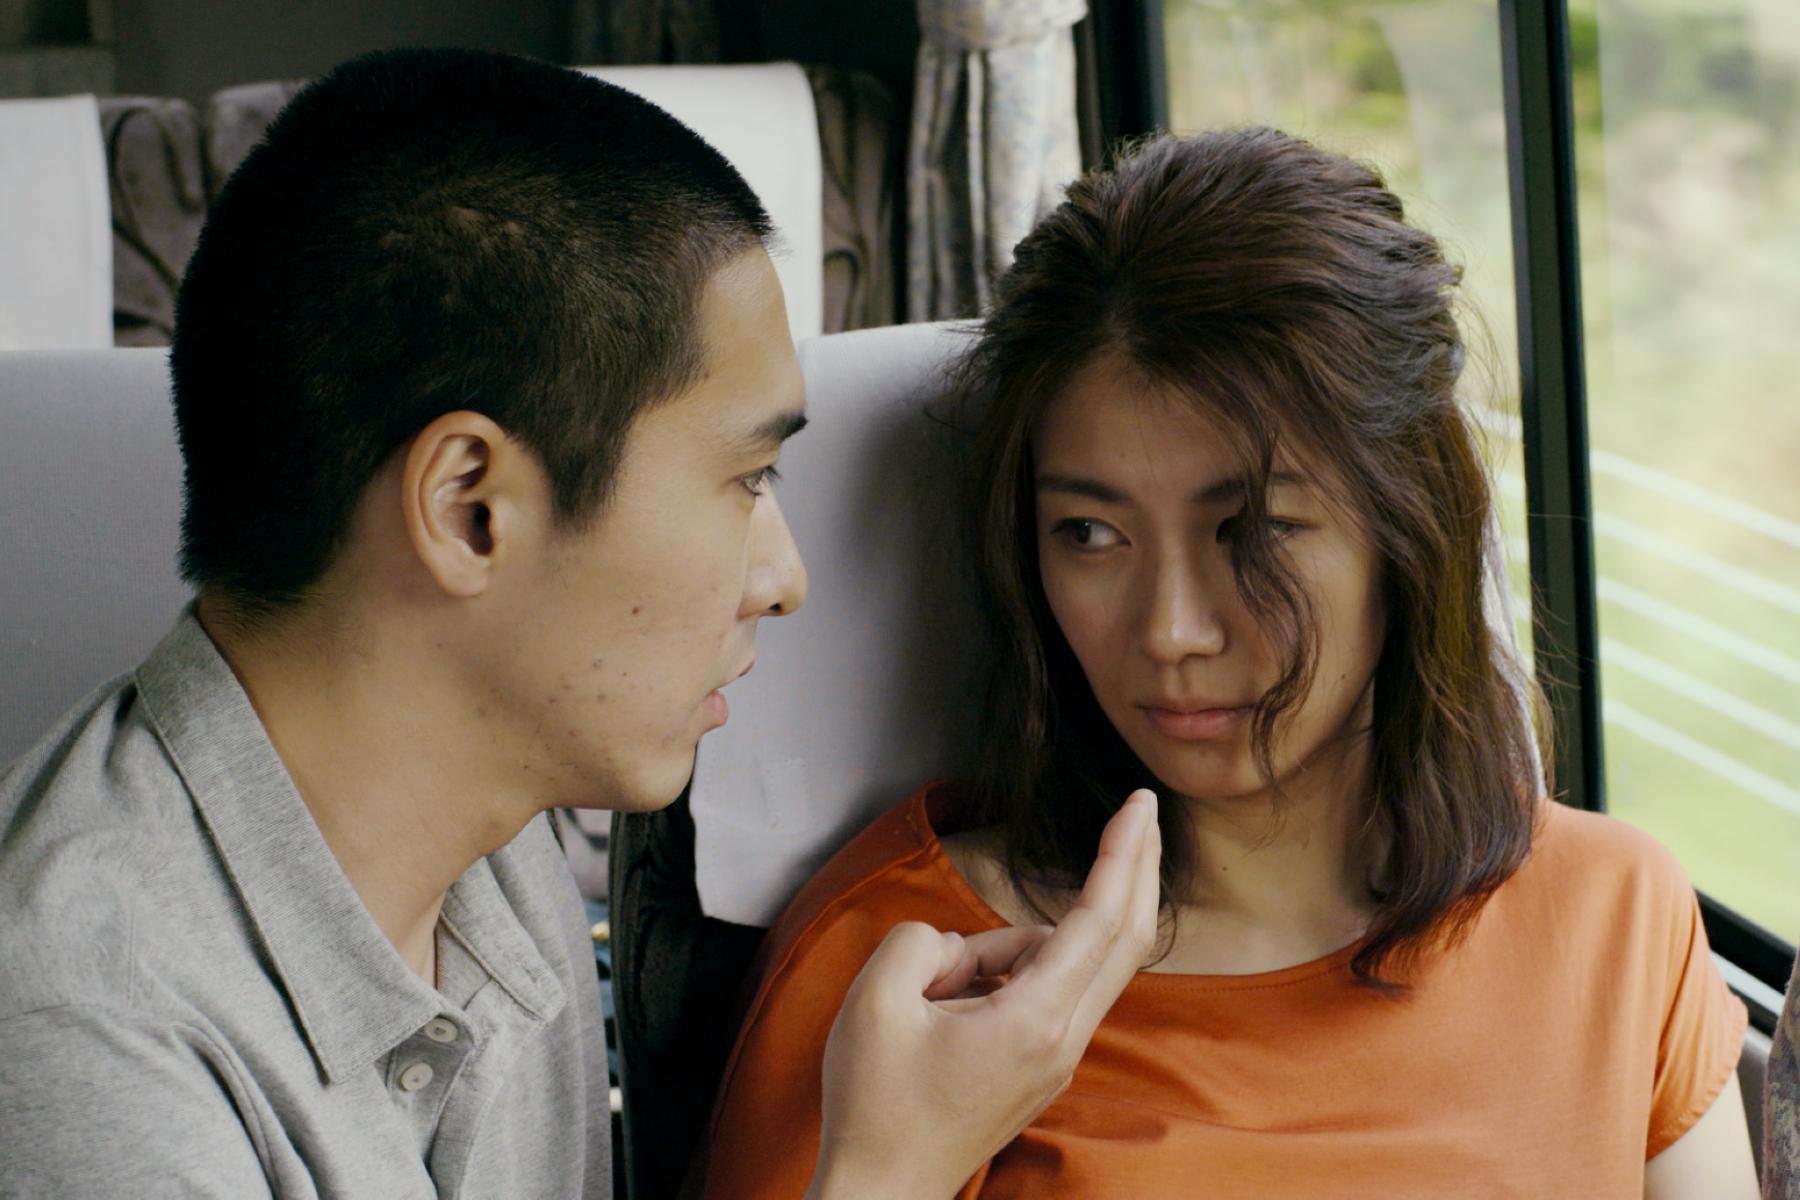 柄本佑(左)伸出金手指,在移動的巴士不停愛撫瀧內公美